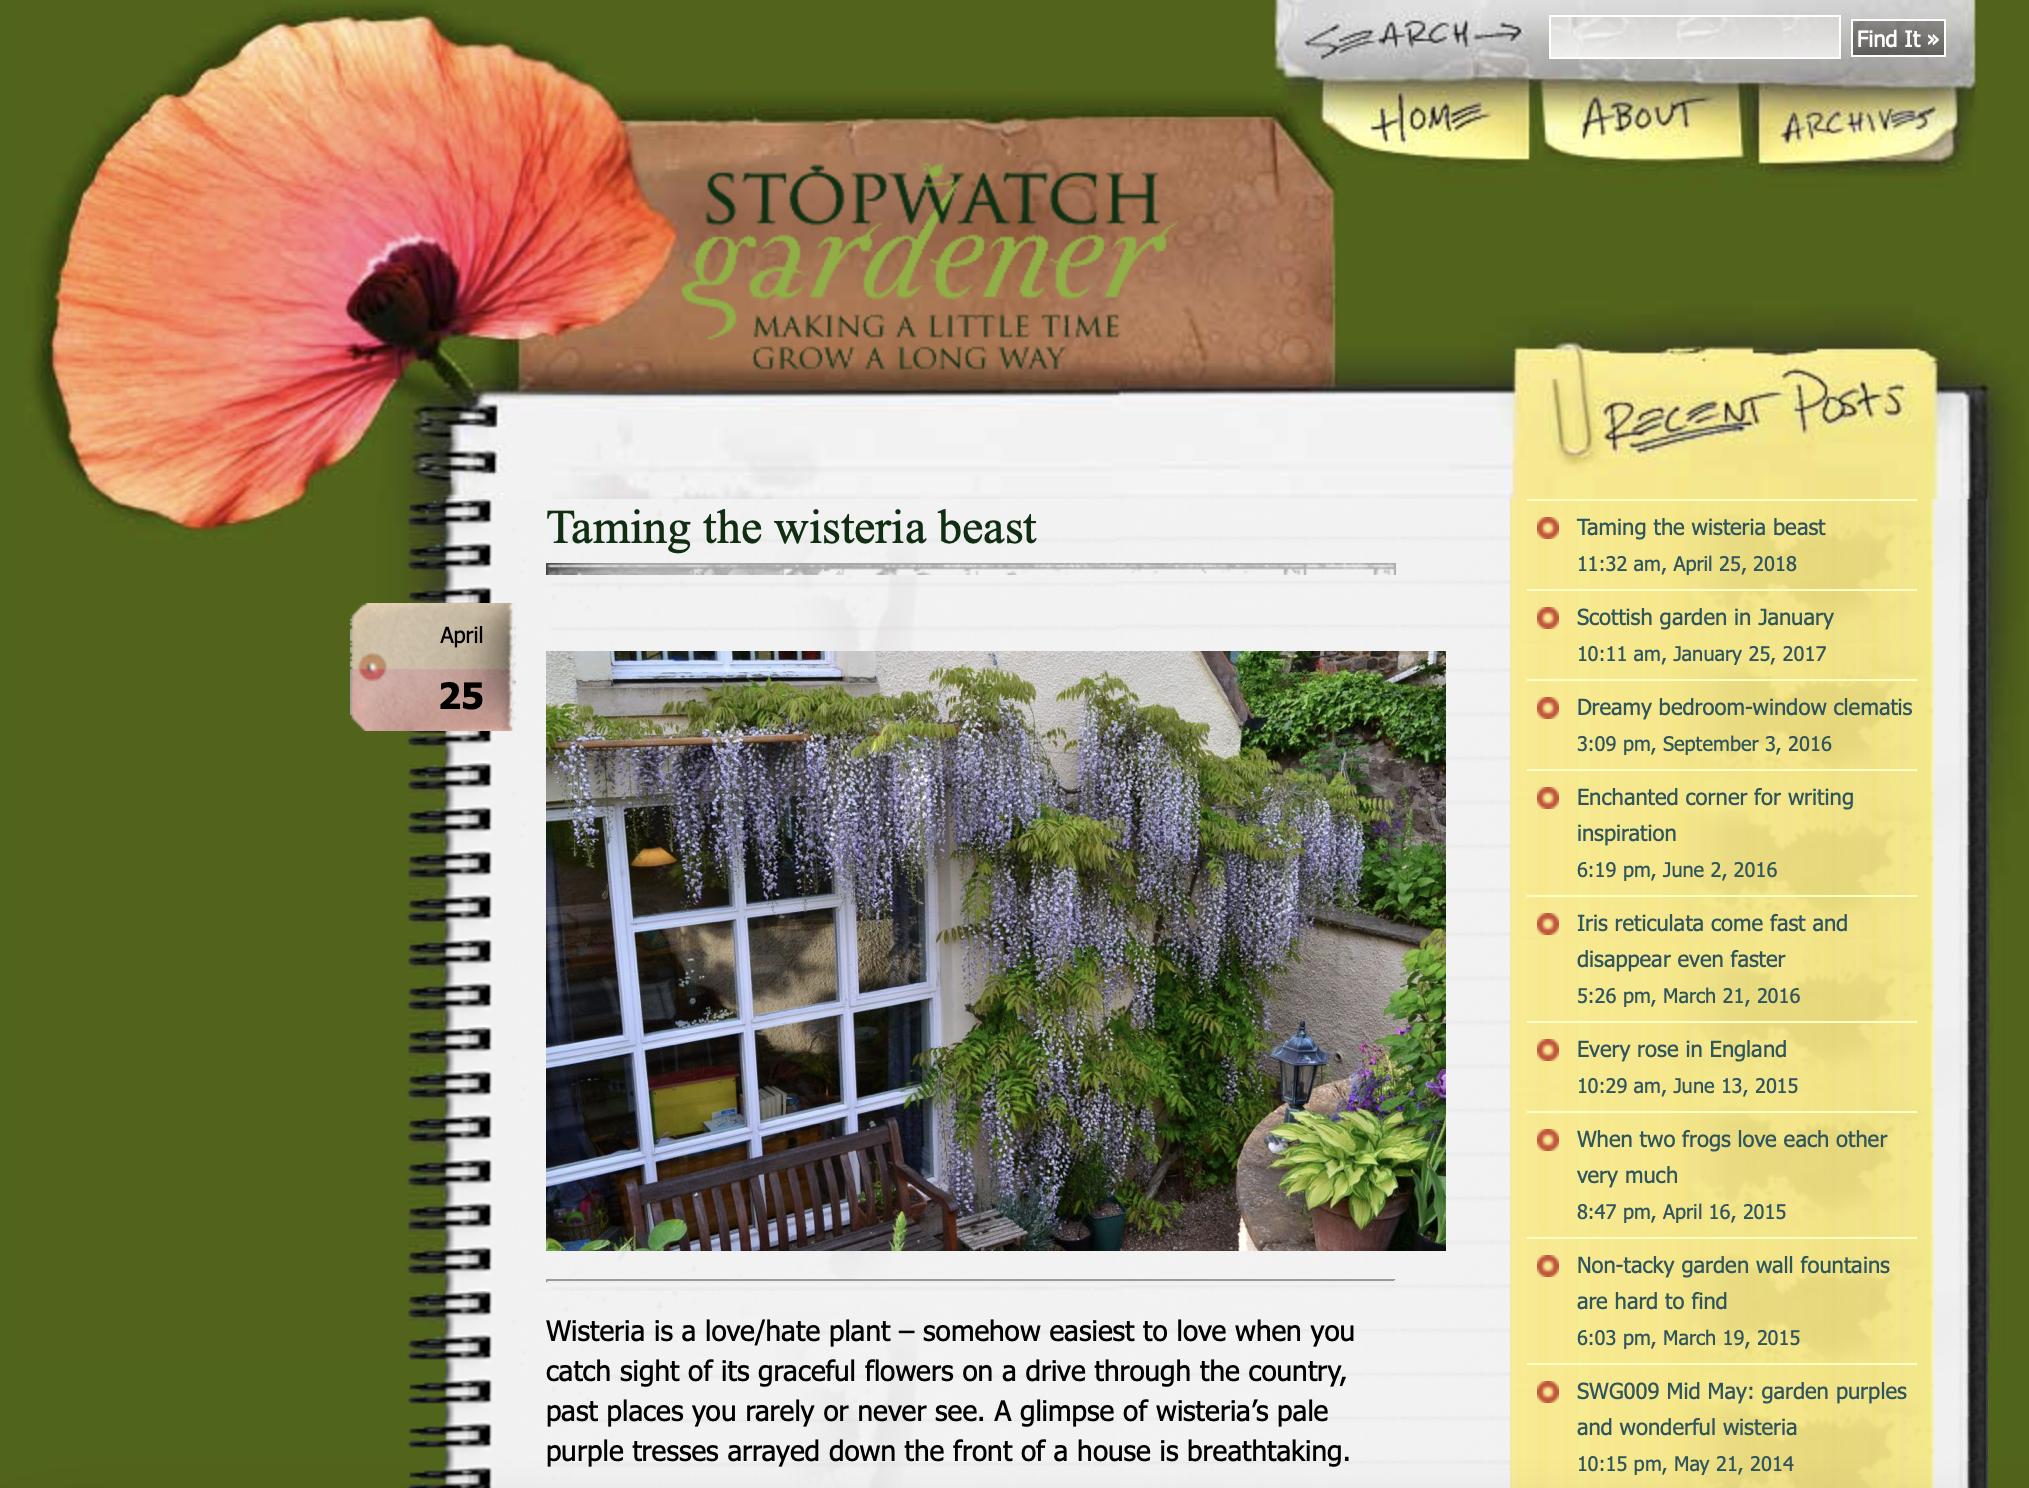 Stopwatch Gardener